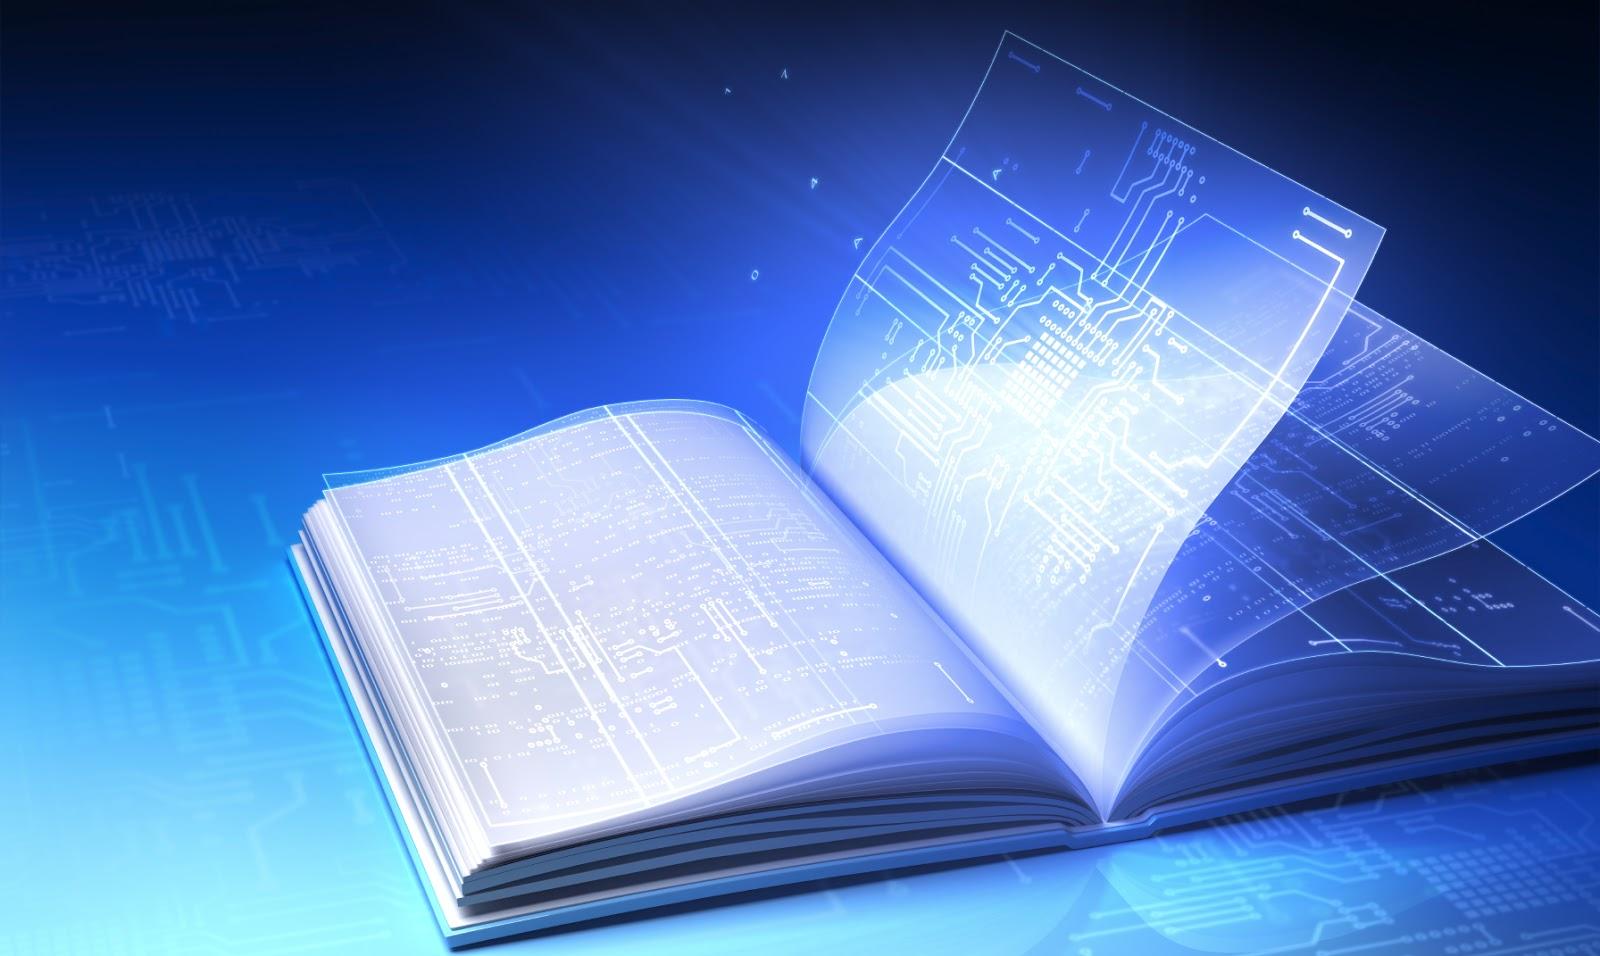 pesquisa mundi  confira dez links de bibliotecas virtuais